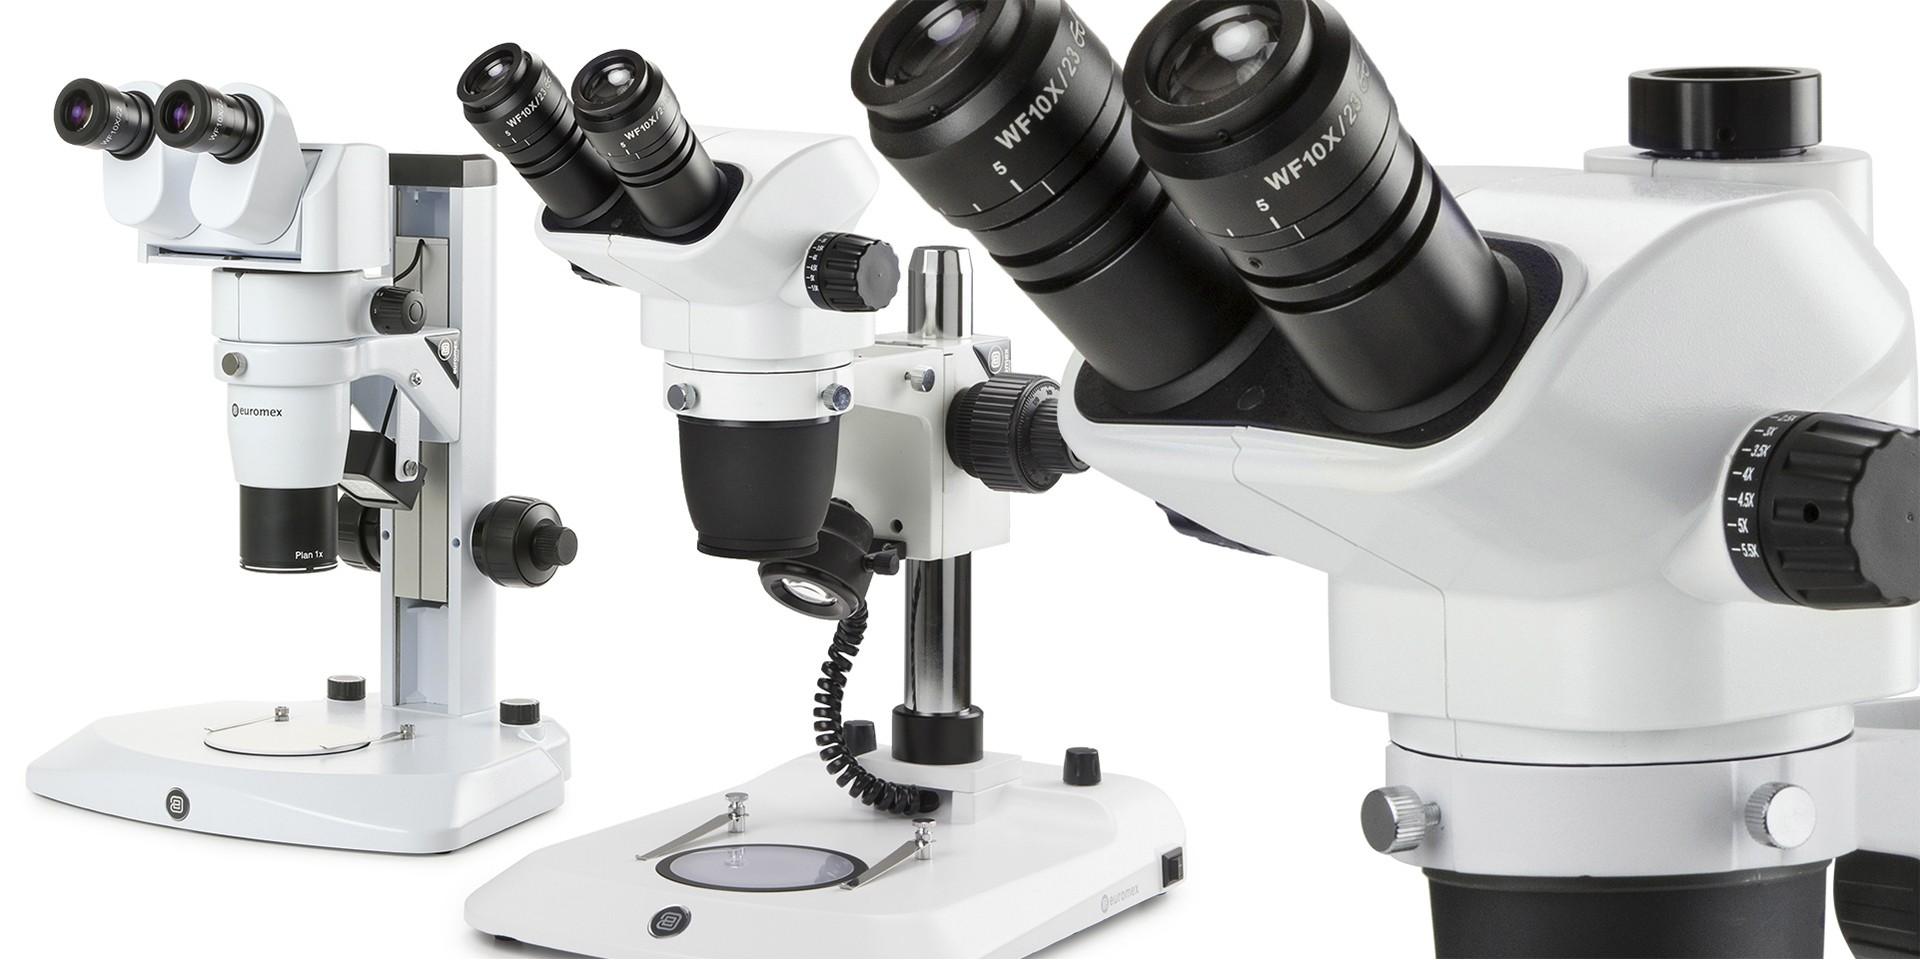 microscopios estereoscopicos, estereomicroscopios,euromex,